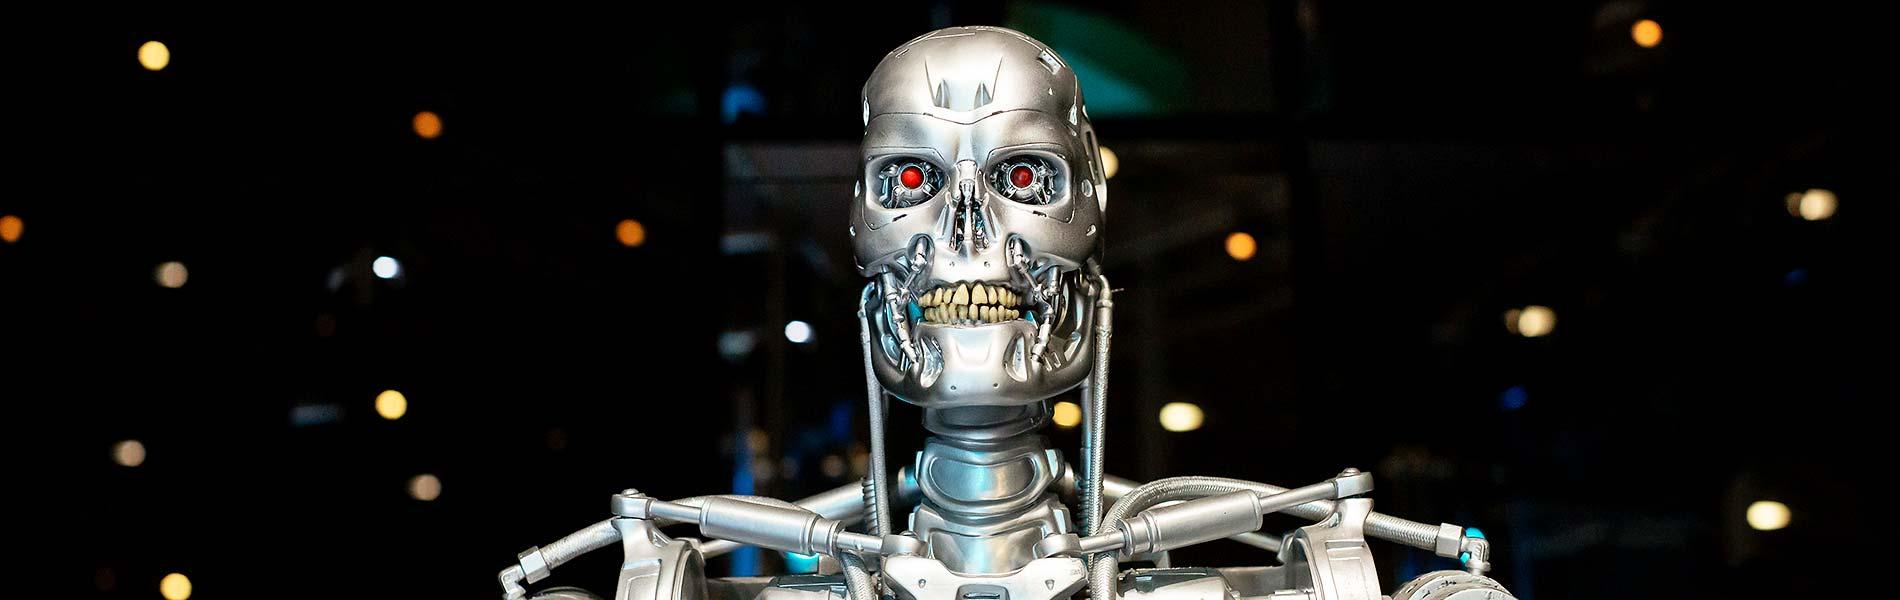 En av robotarna i utställningen Robots